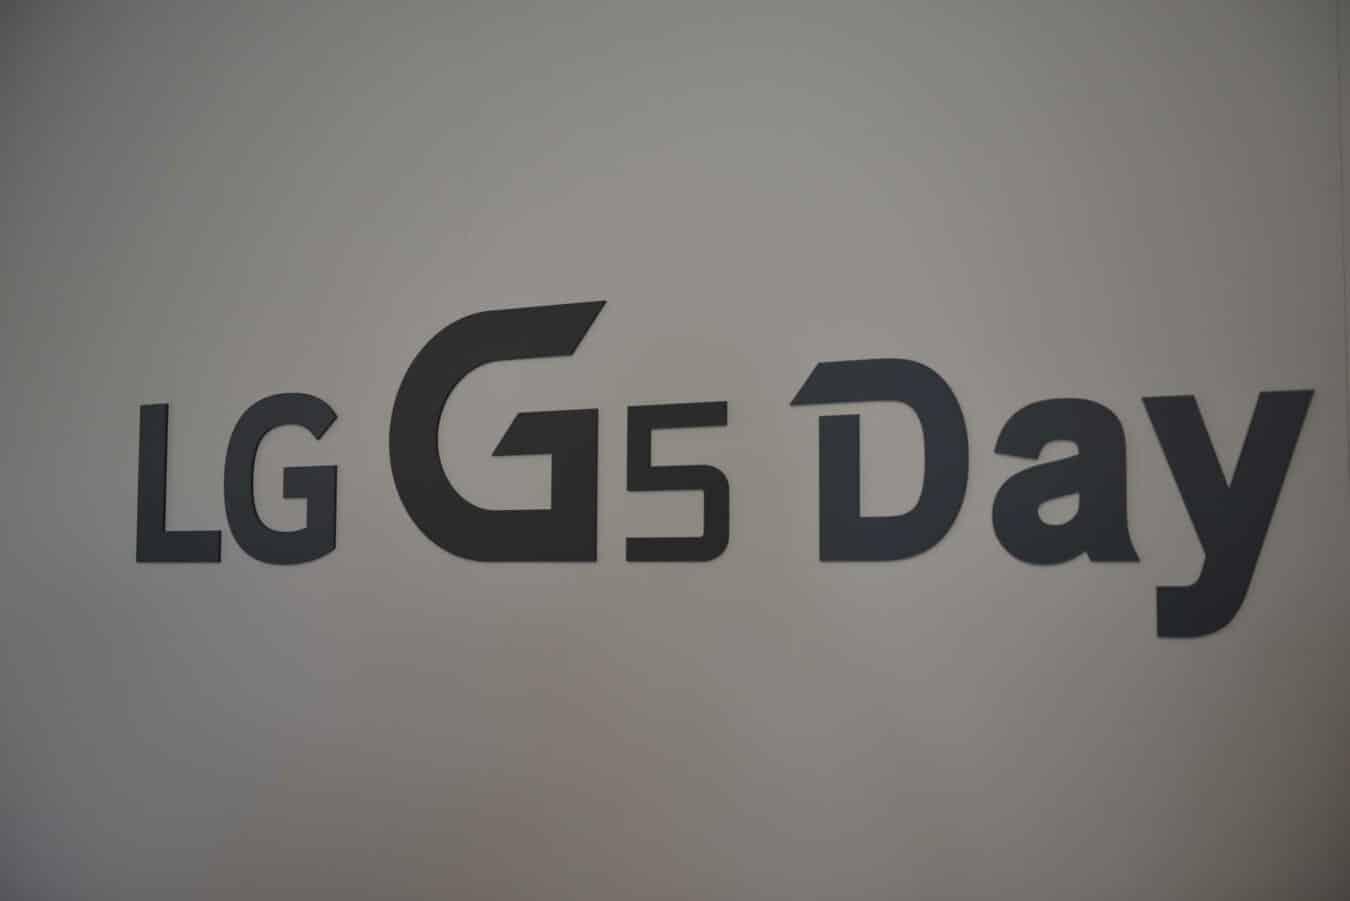 Photo of #MWC2016 LG G5 Day : résumé de la conférence